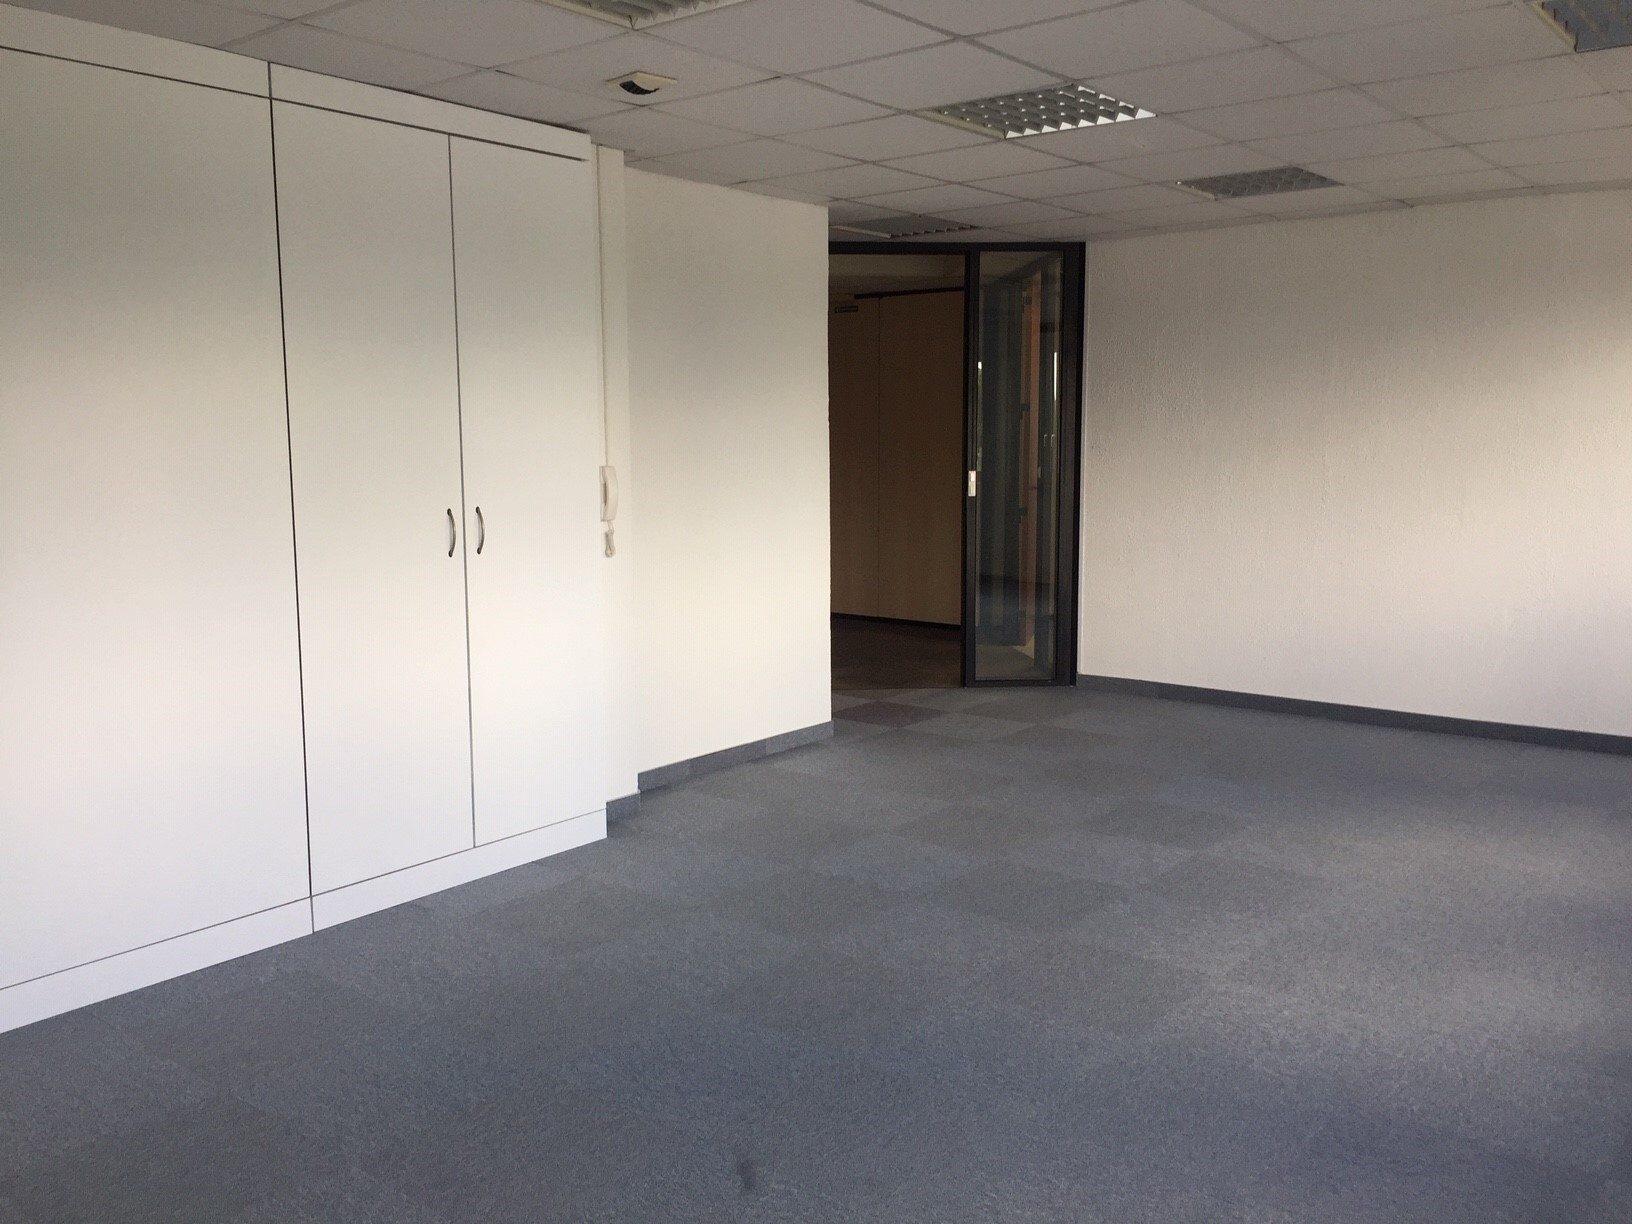 Bureaux rénovés 37 m² à Hoenheim